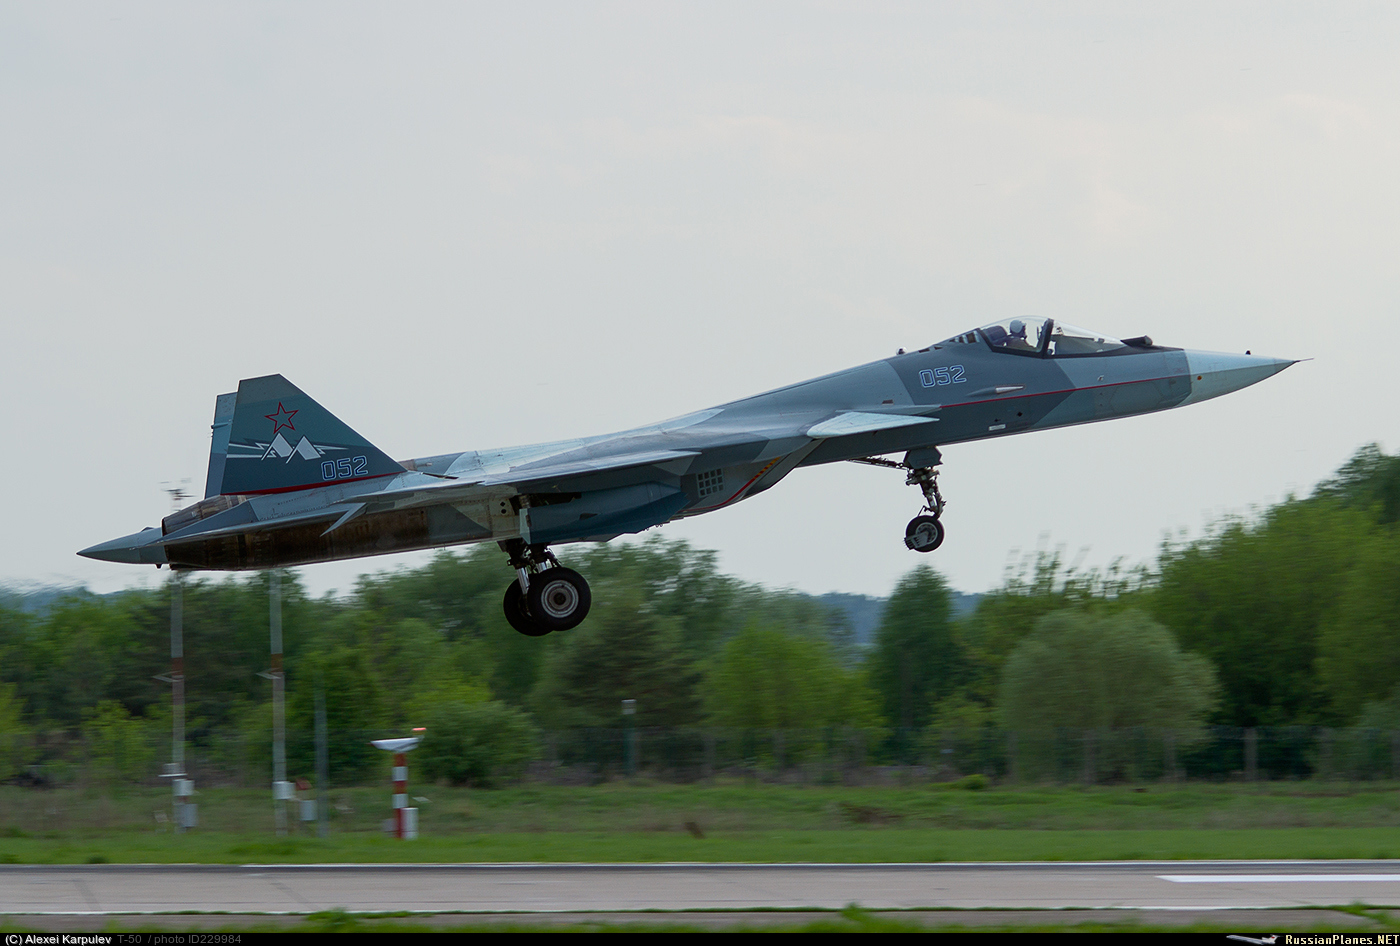 Продолжение испытаний летающей лаборатории Т-50-2 с двигателем